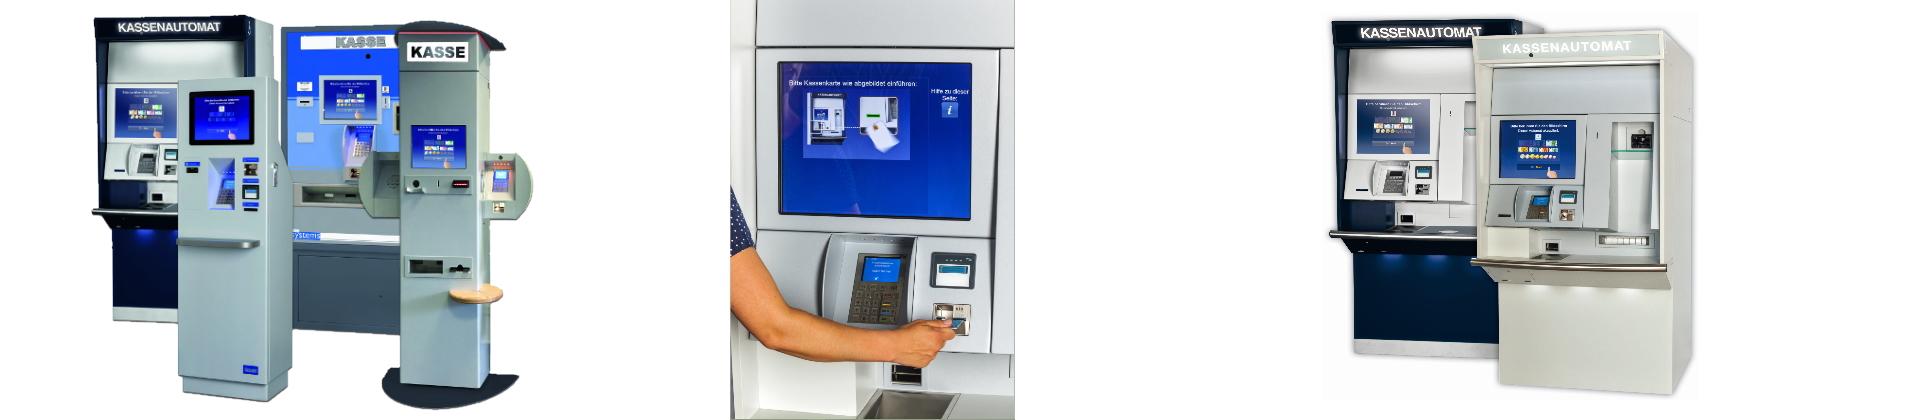 Kassenautomaten